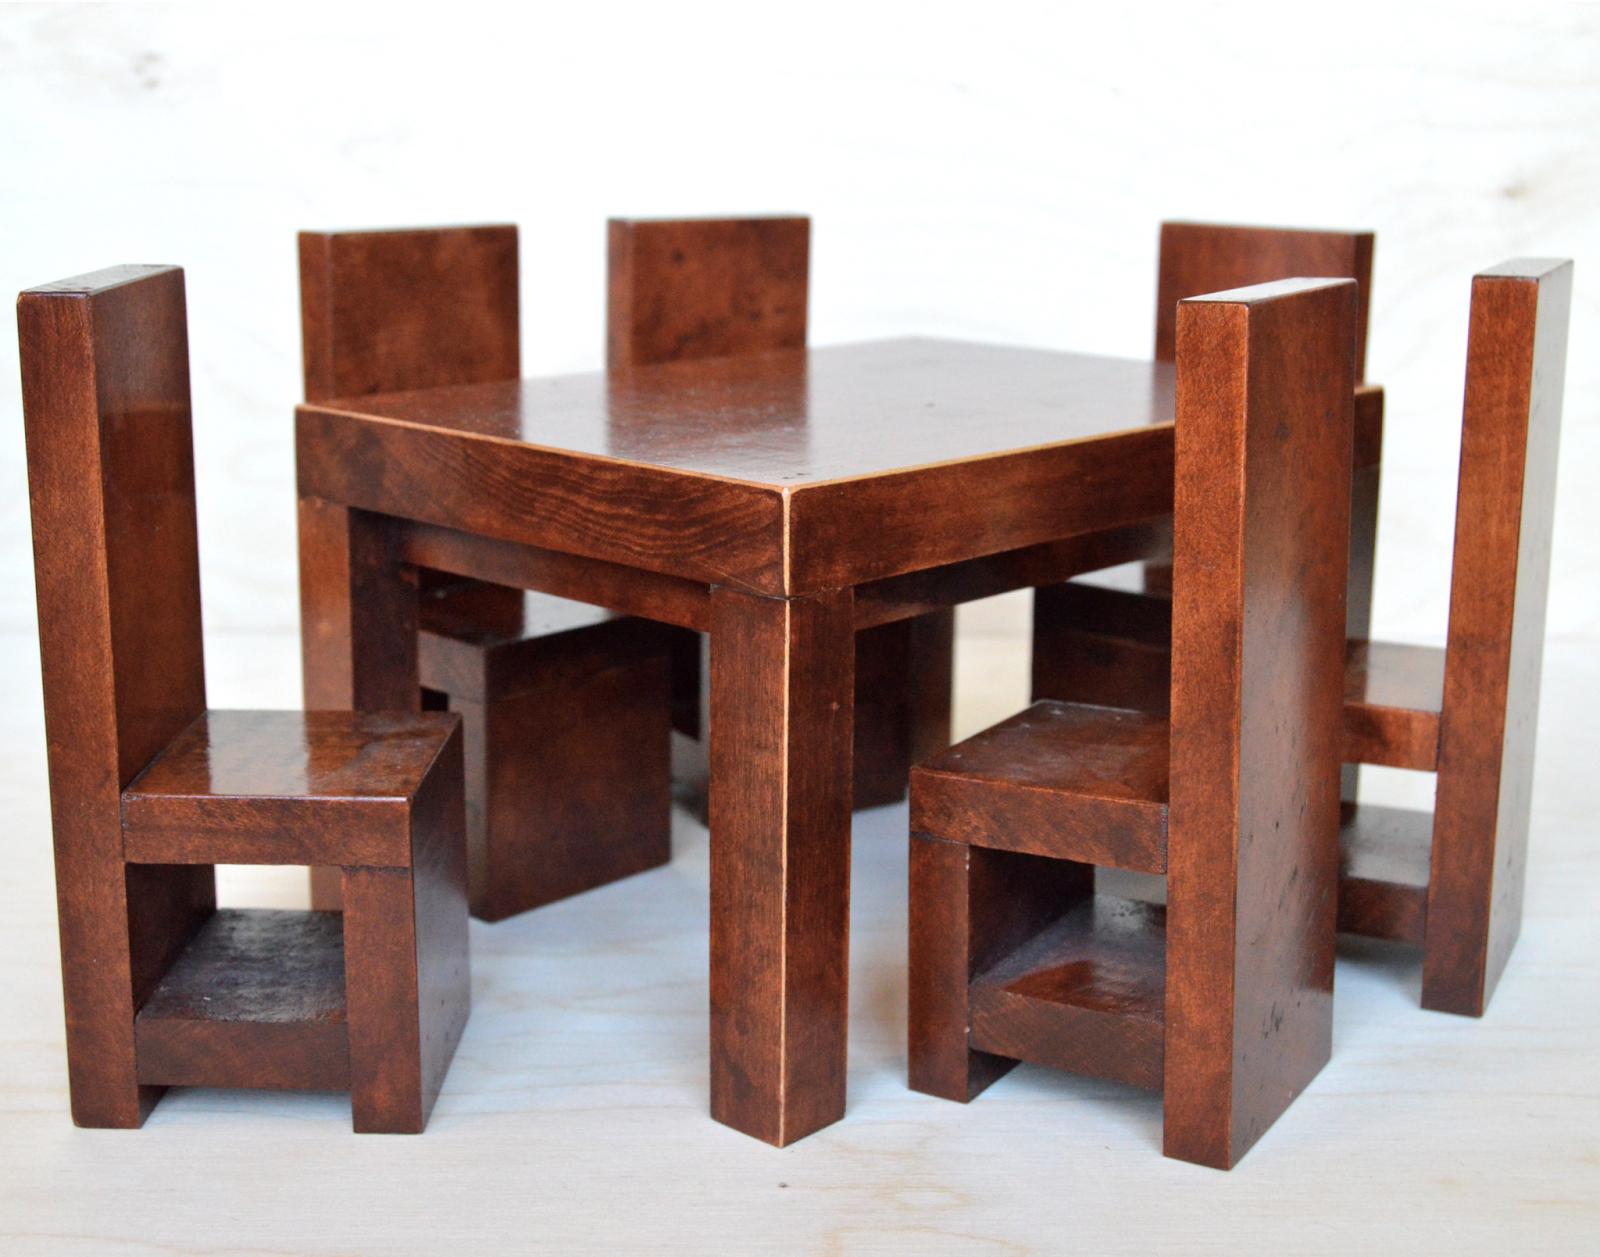 wooden barbie doll furniture. Image Result For How To Make Barbie Doll Furniture From Wood Wooden